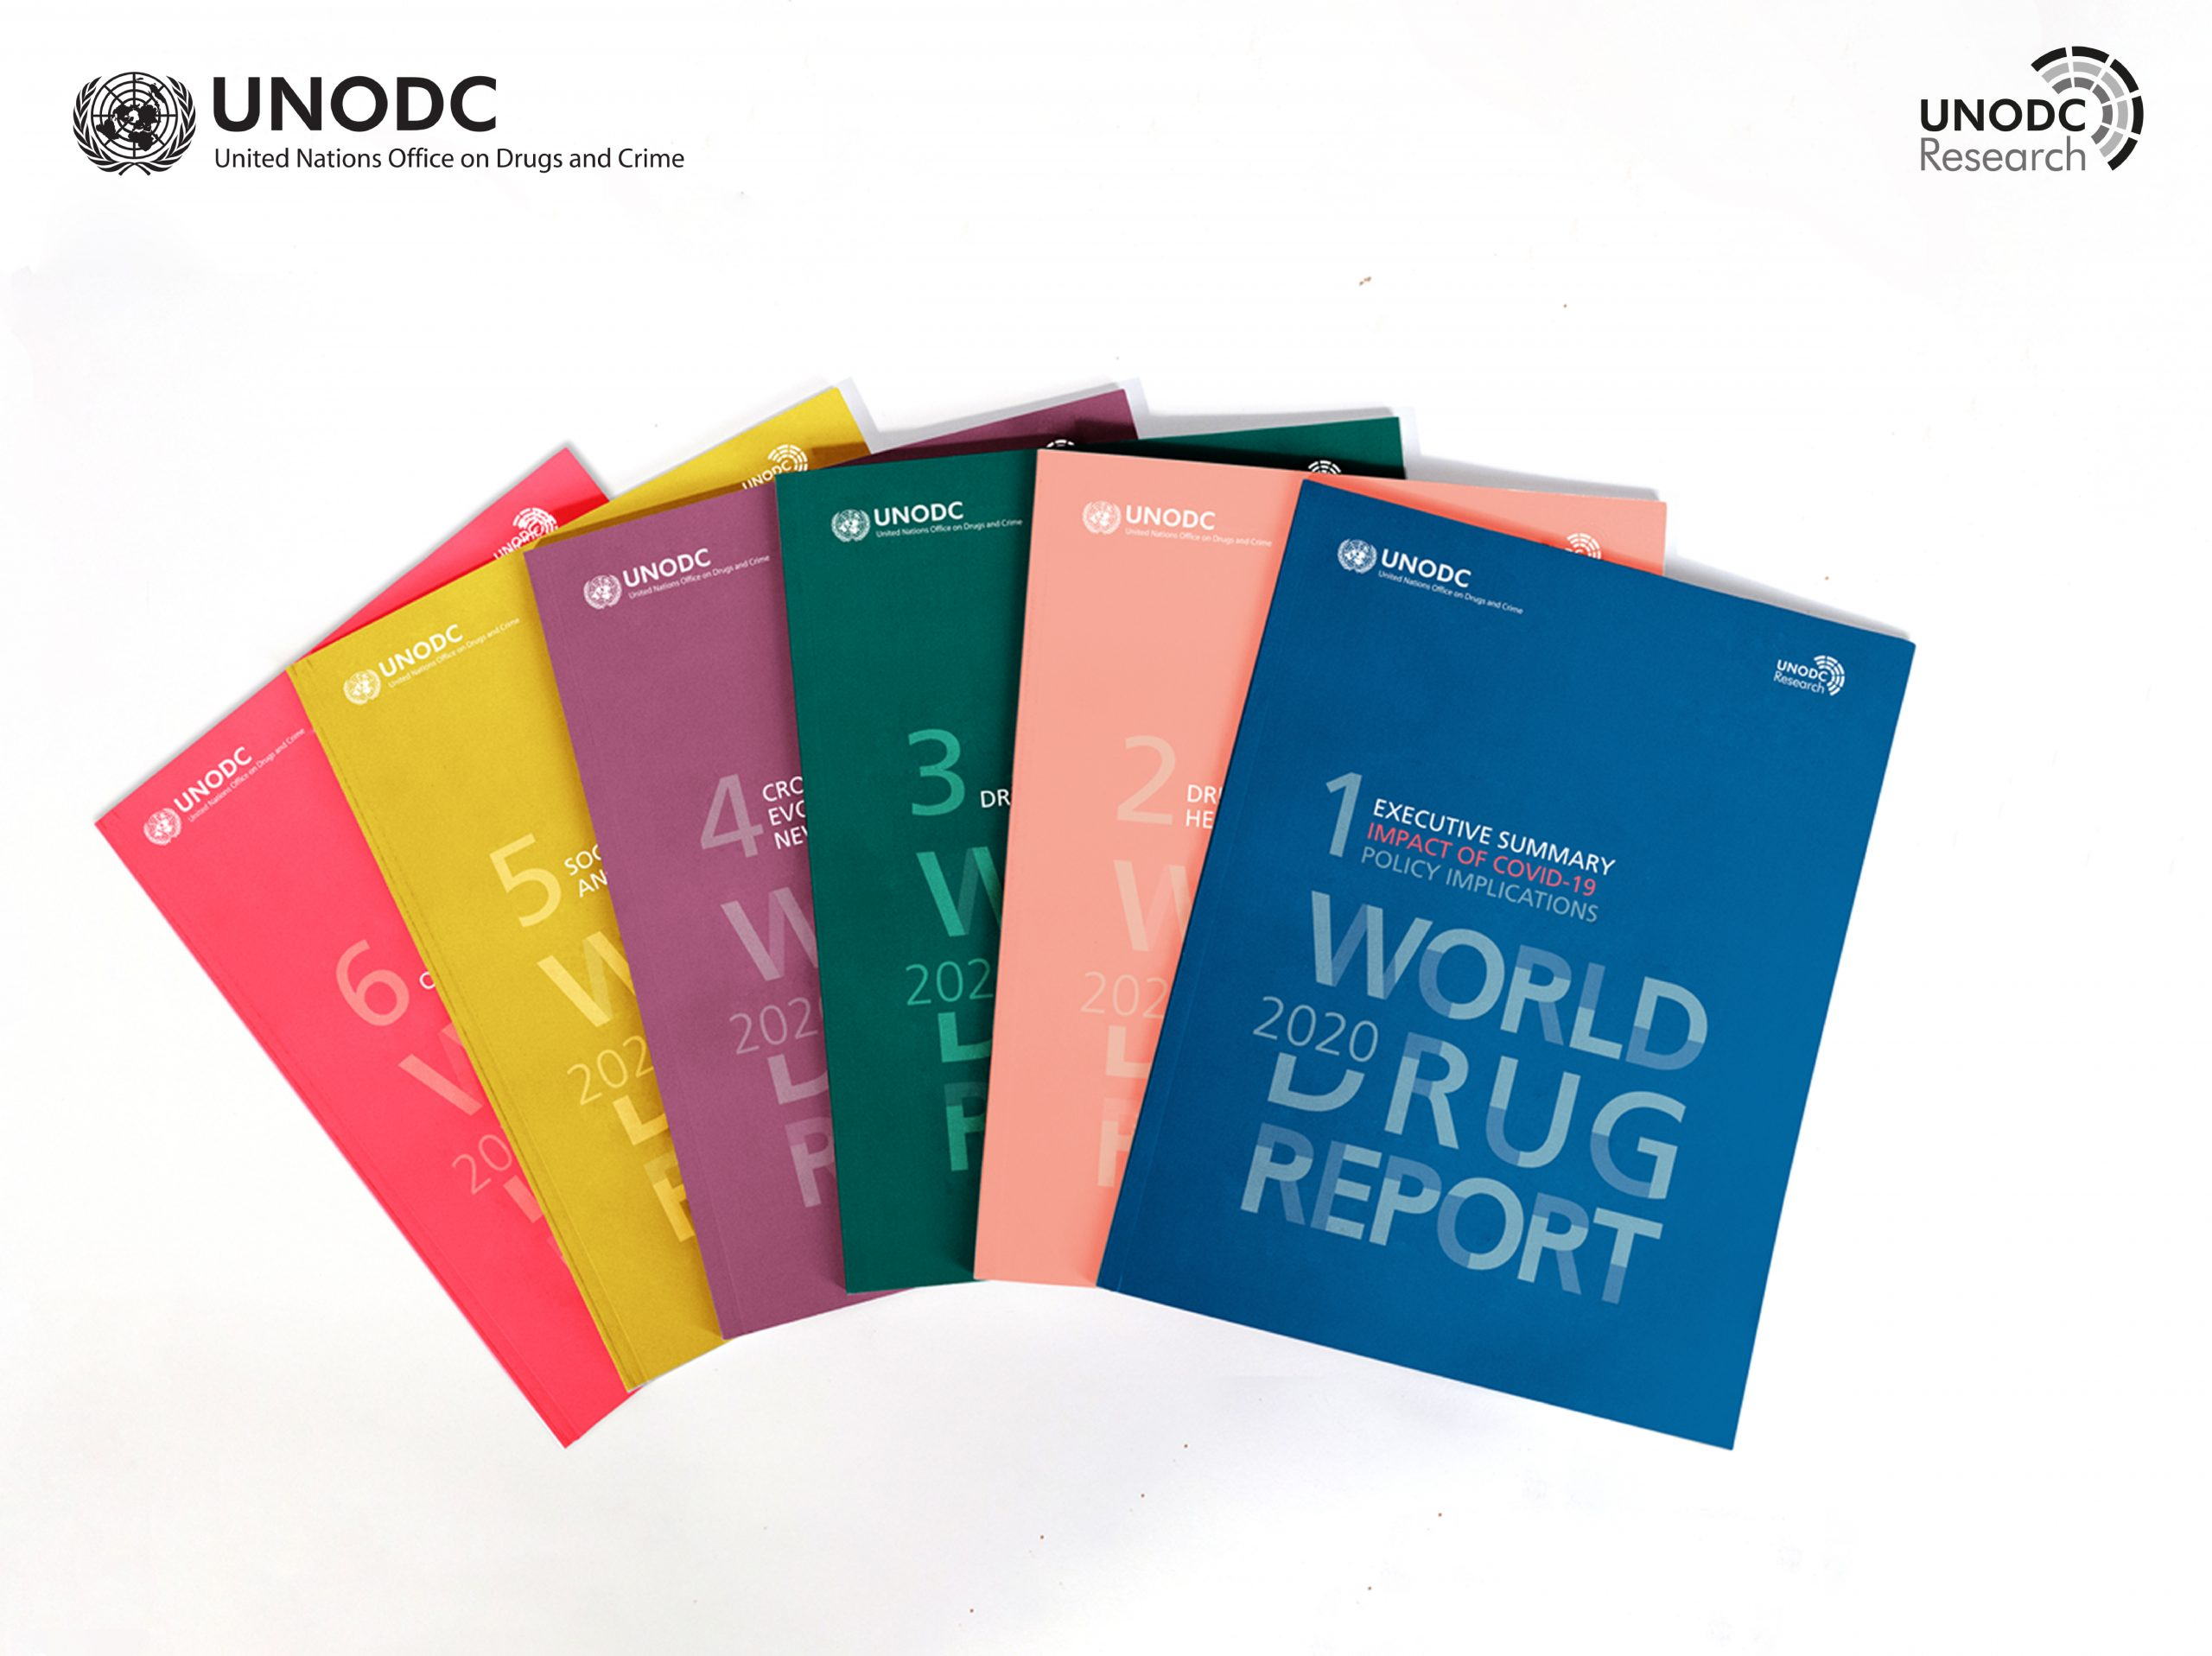 UNODC_WDR20_WebsitePoster_V3_001